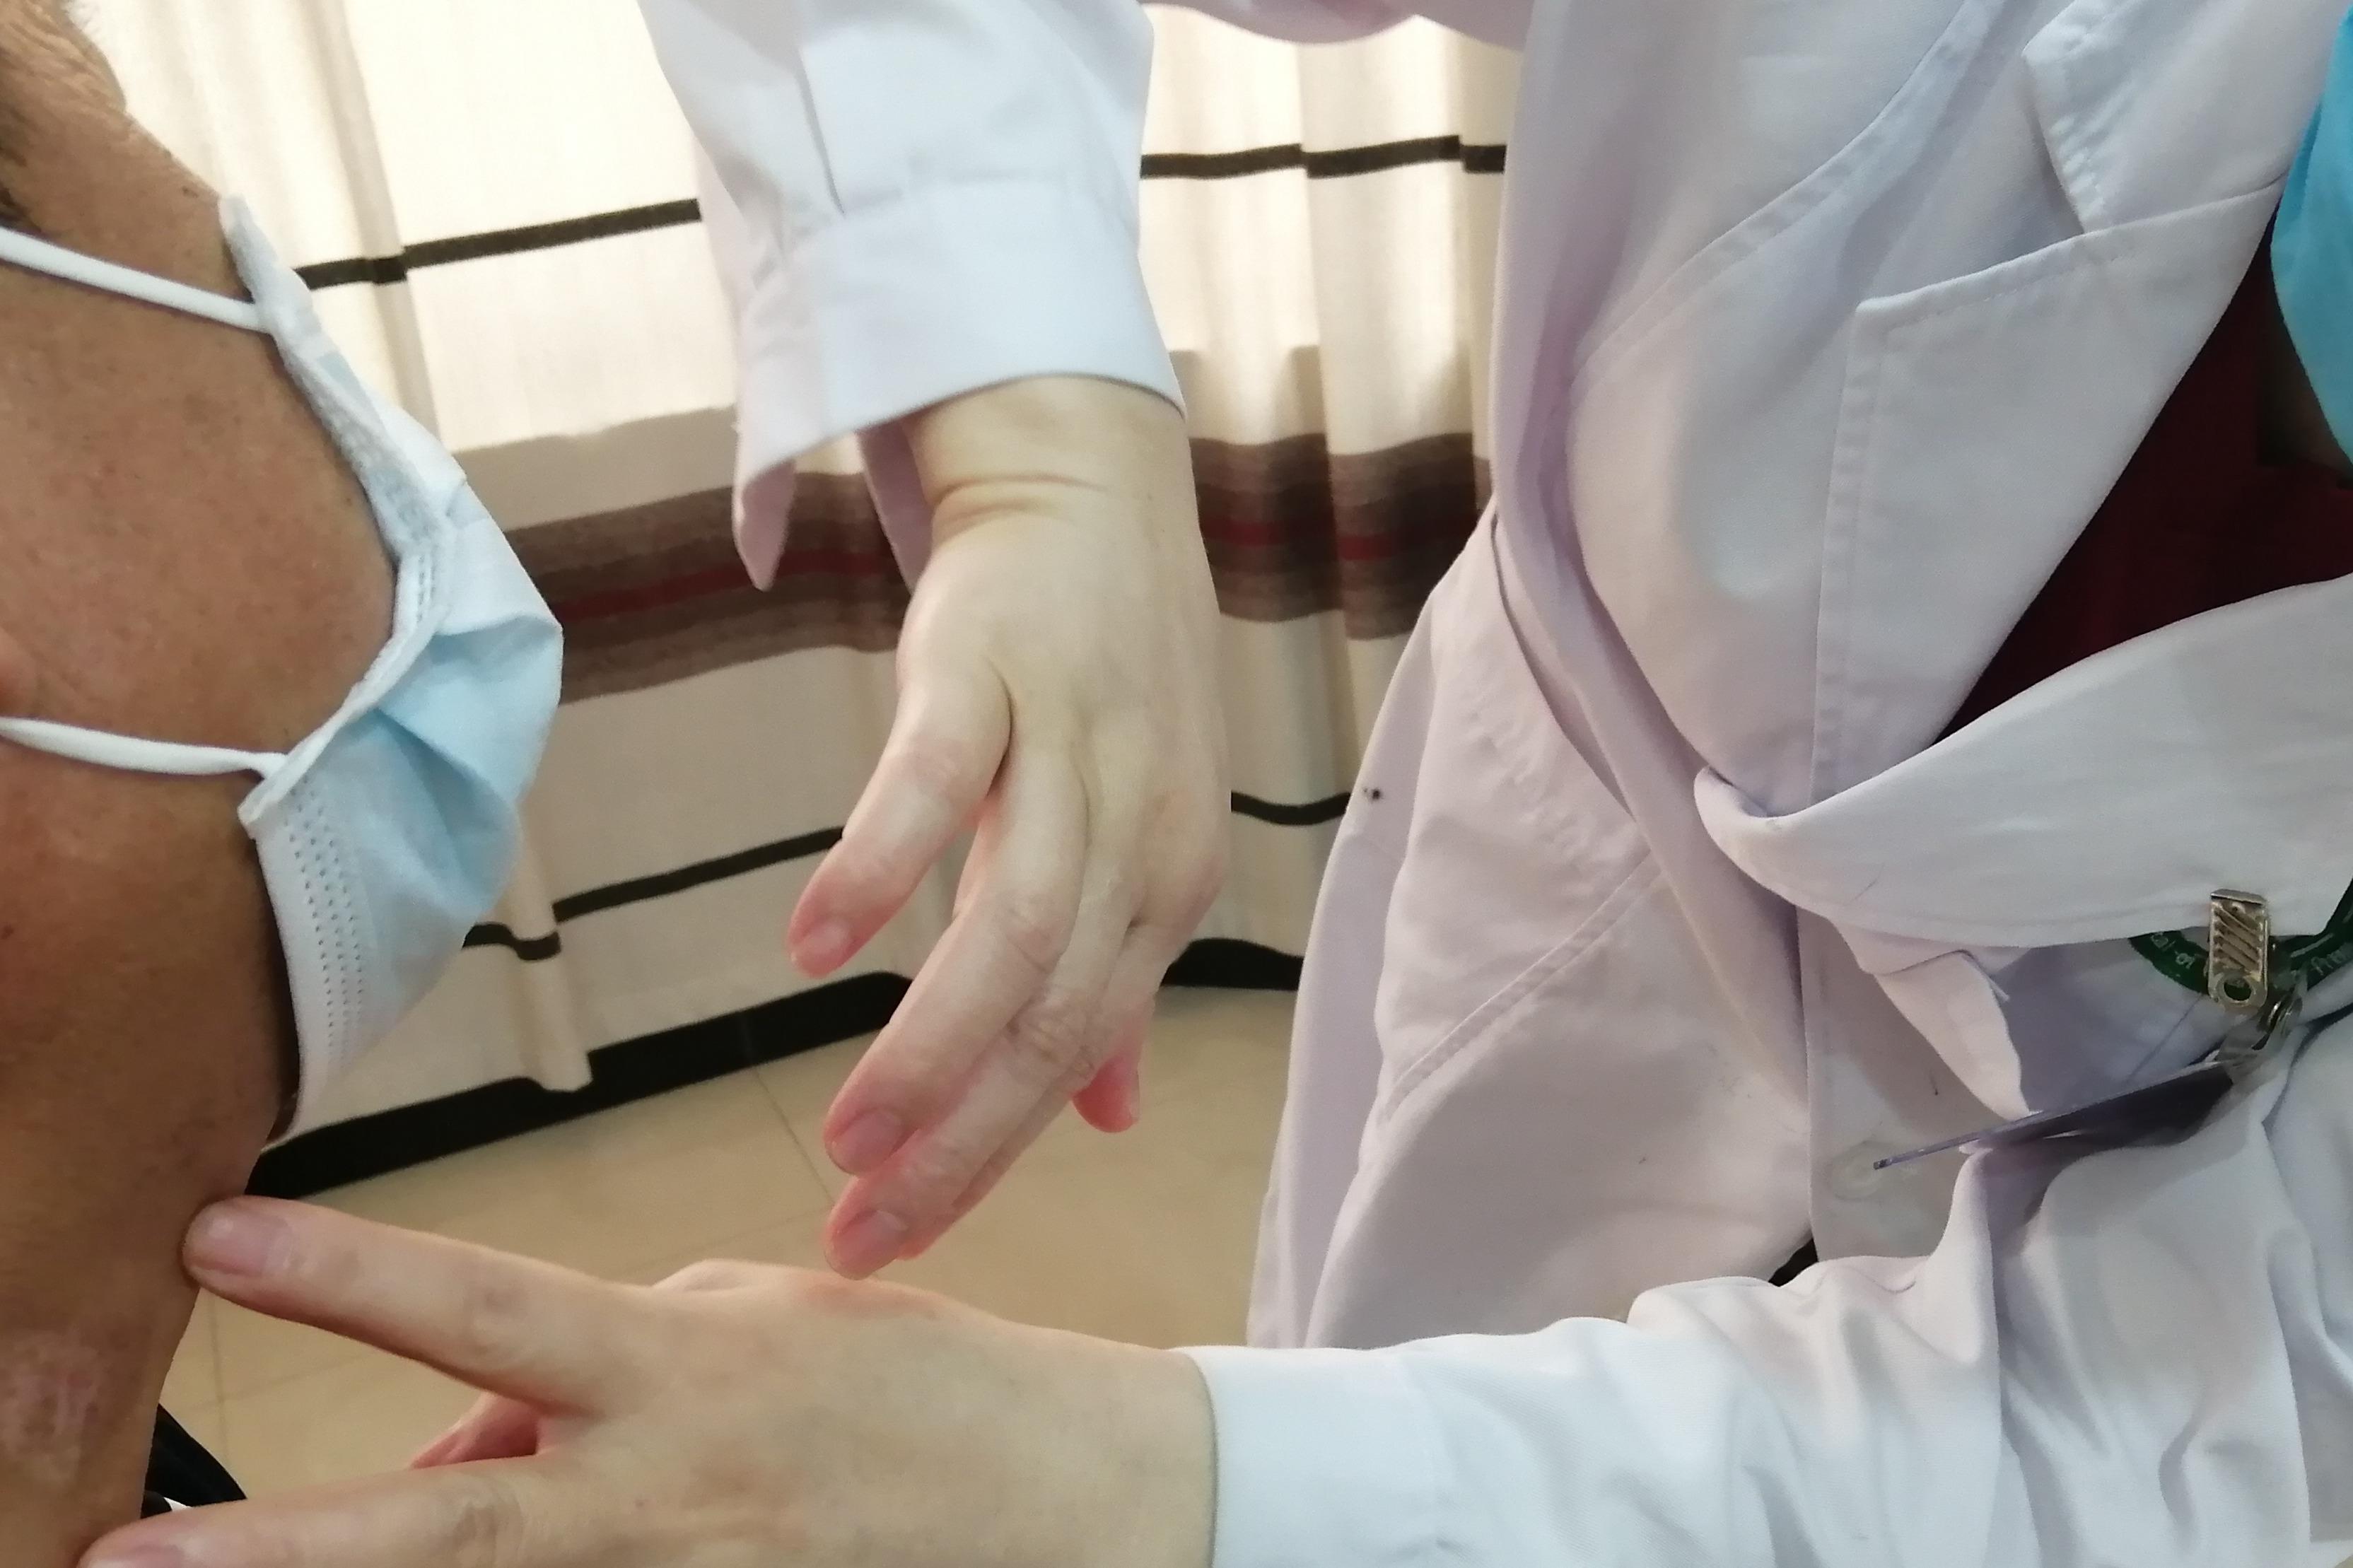 武汉白癜风医院:金主任查看复诊患者白斑处,了解患者情况